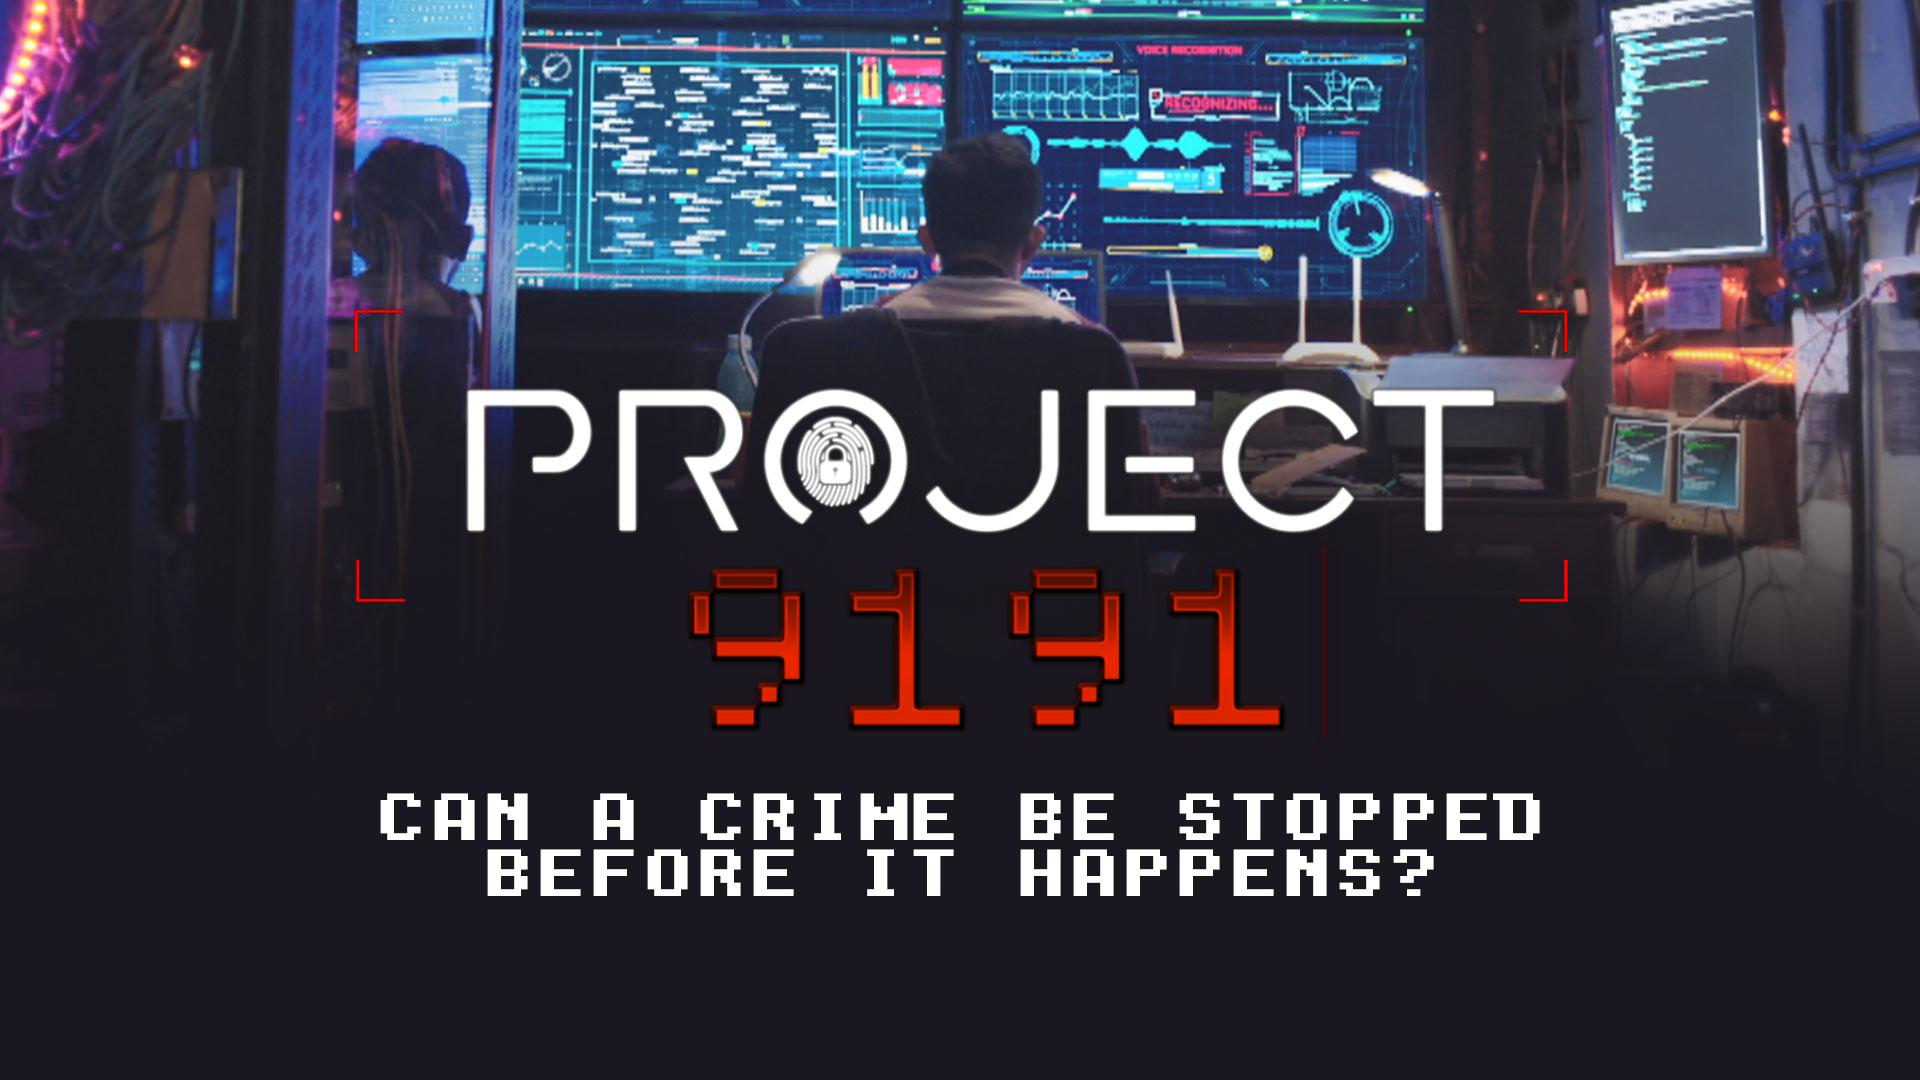 Project 9191alt